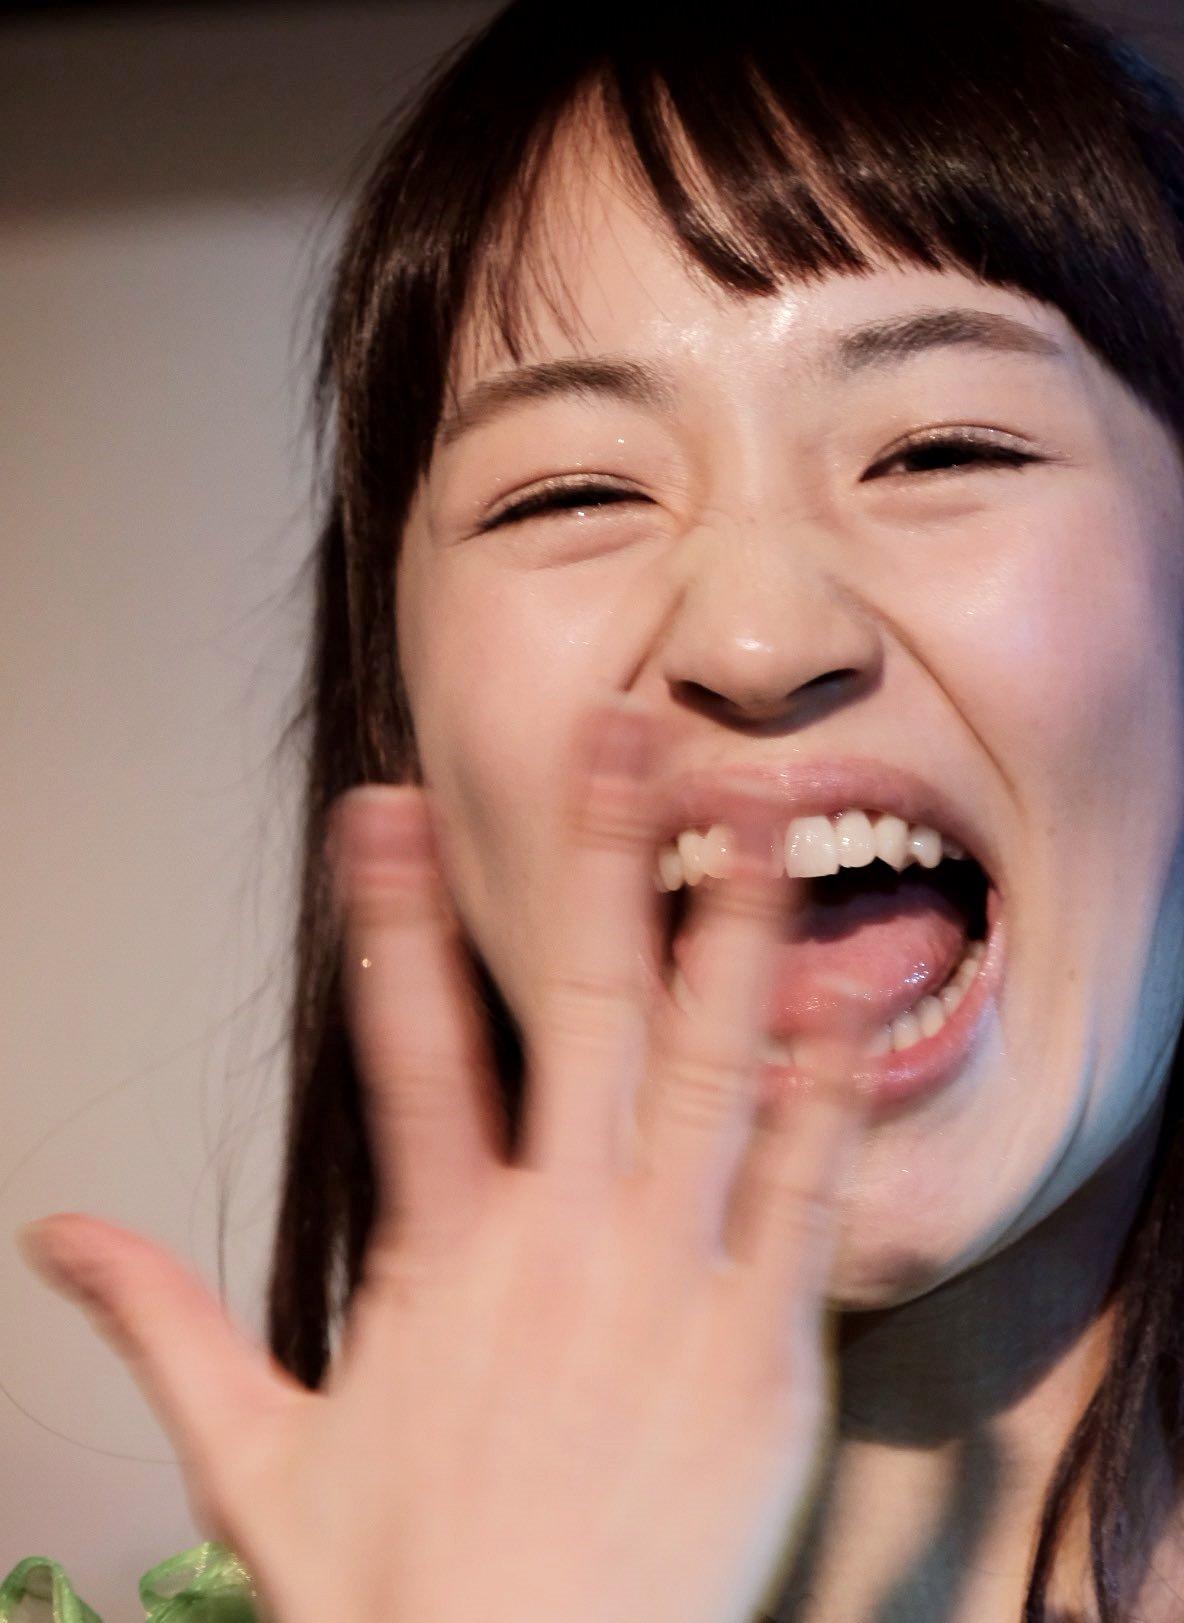 田崎礼奈の開口舌見せ (18)